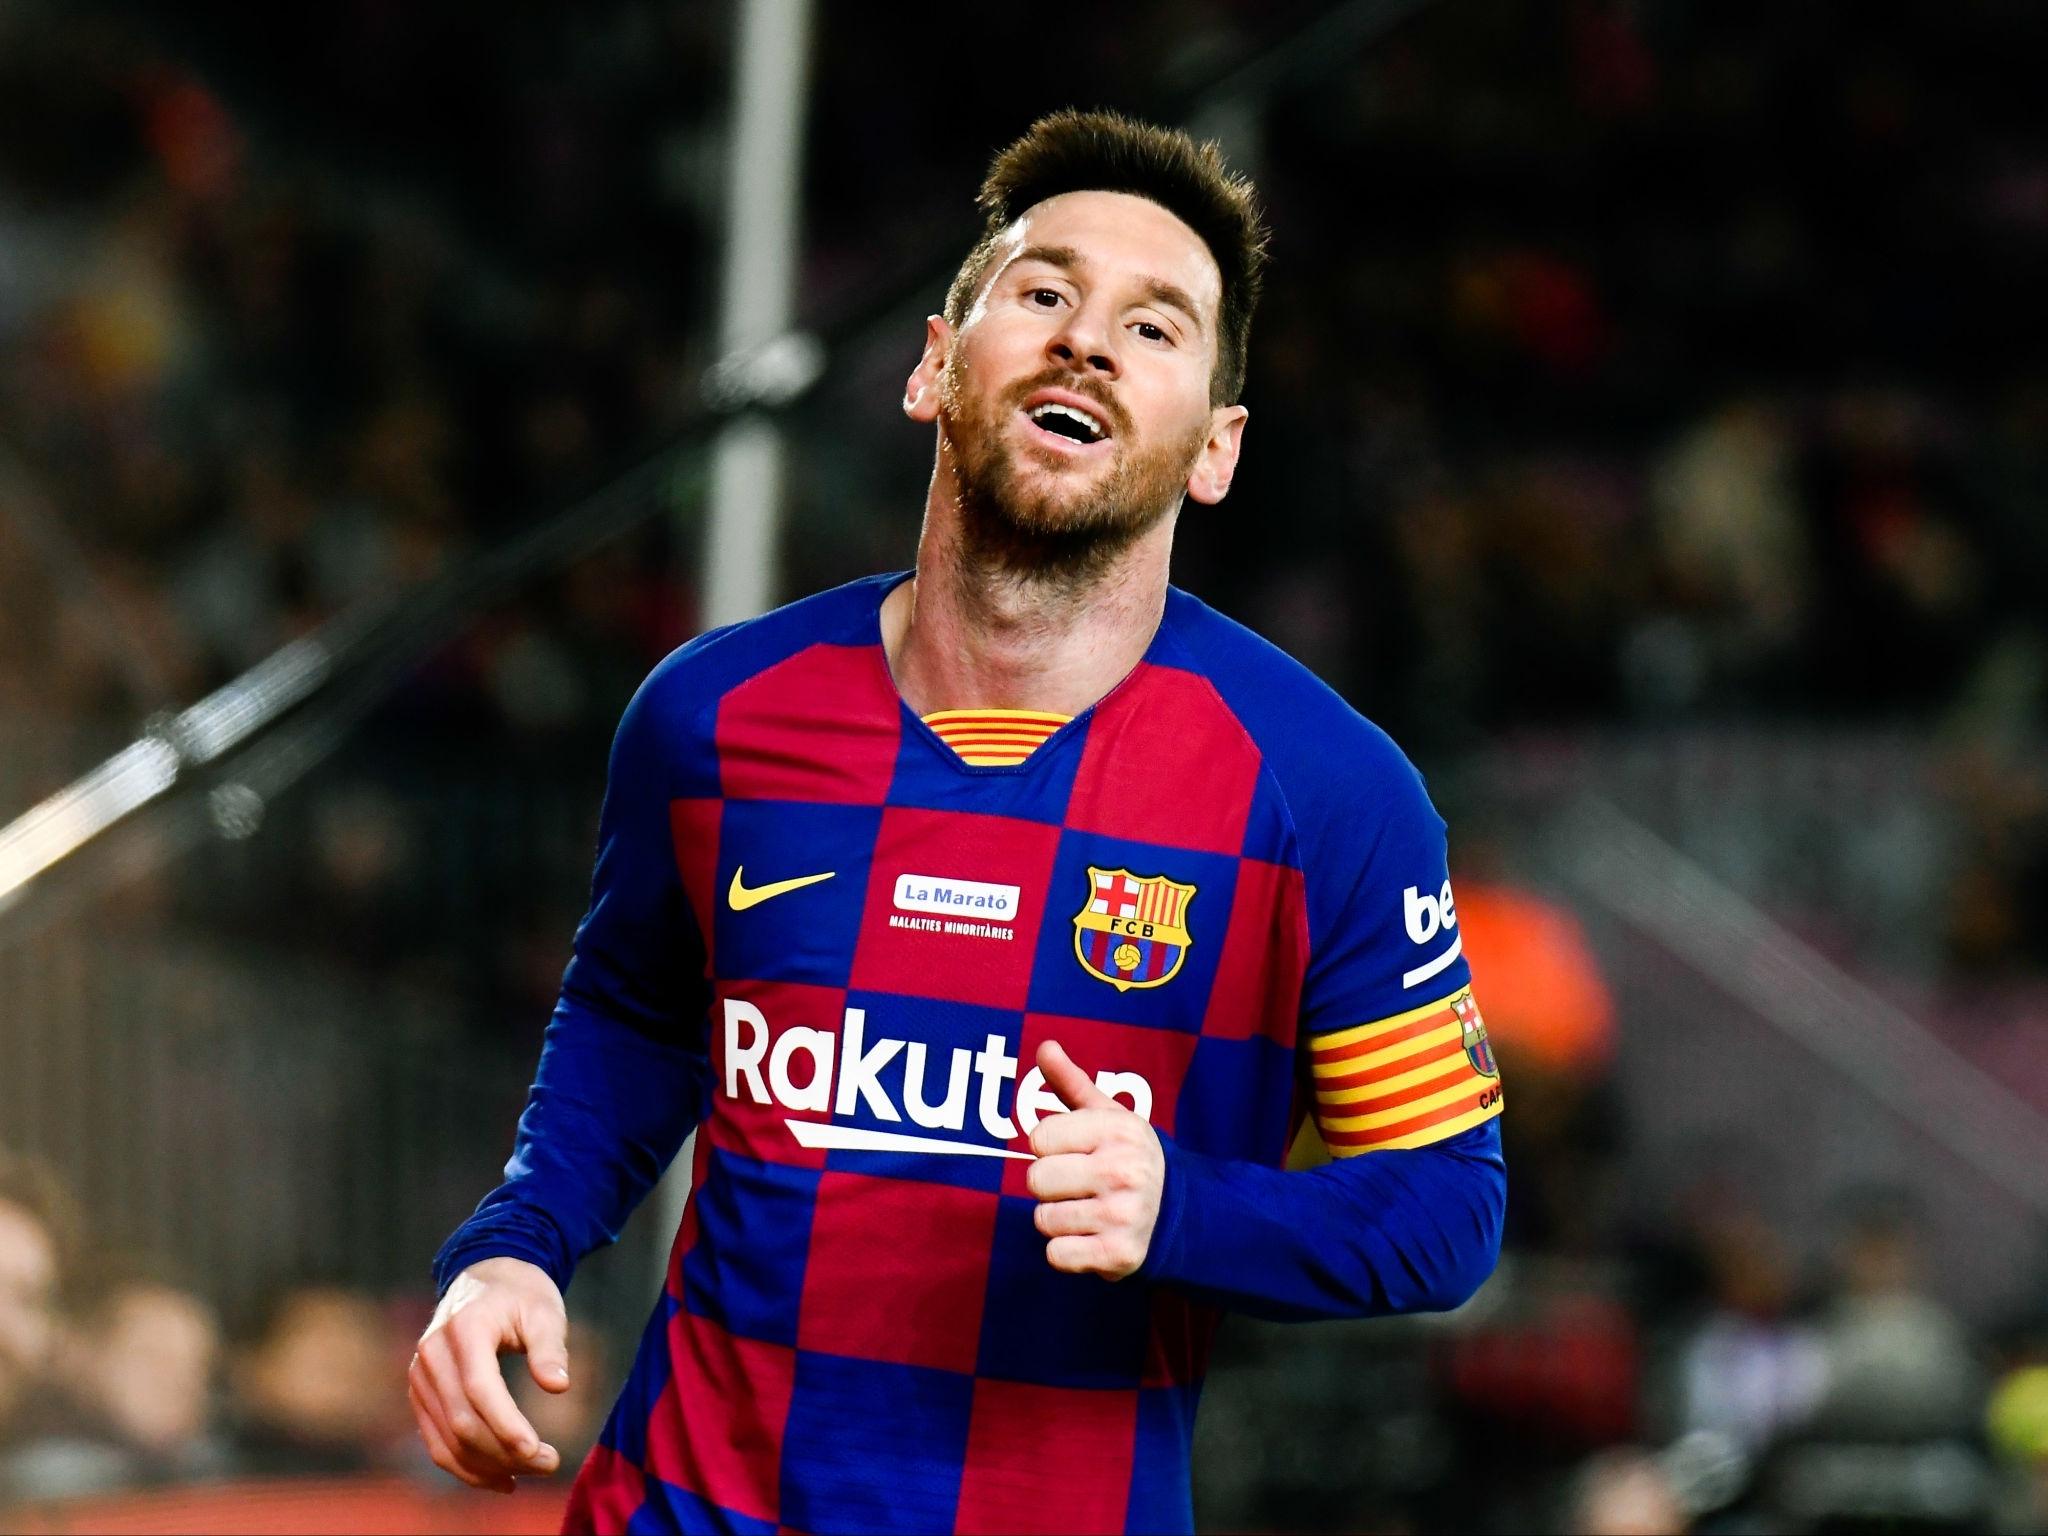 Месси оформил 35-й хет-трик в Ла Лиге, опередив по этому показателю Роналду - изображение 1